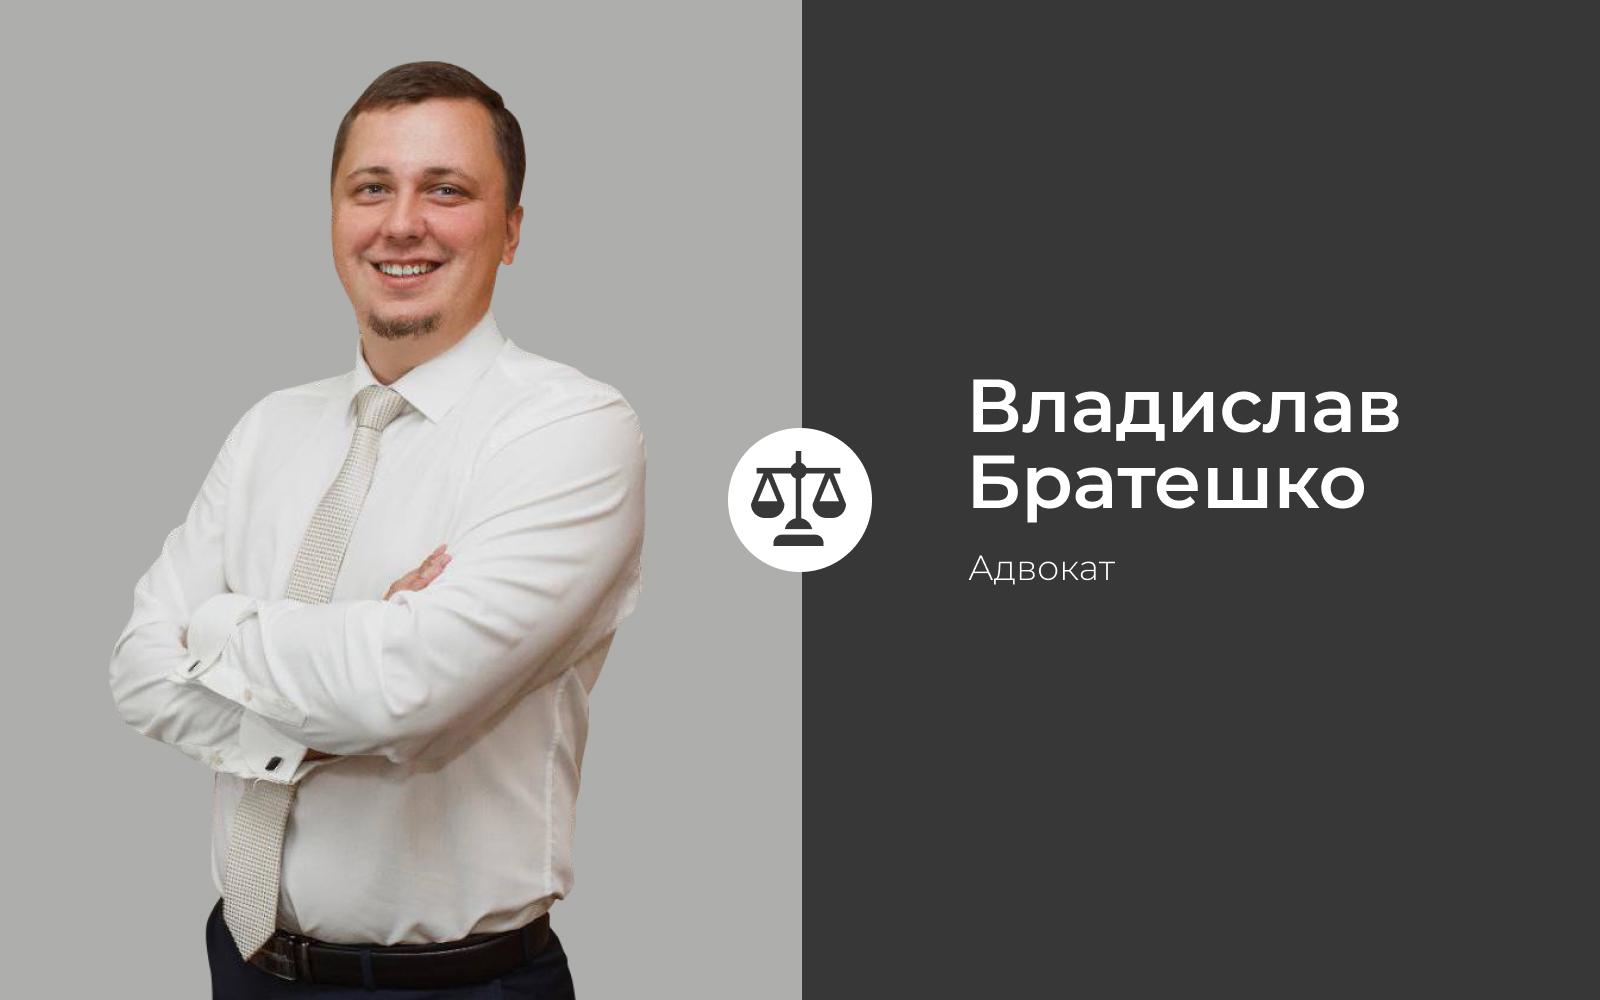 Brateshko (2)